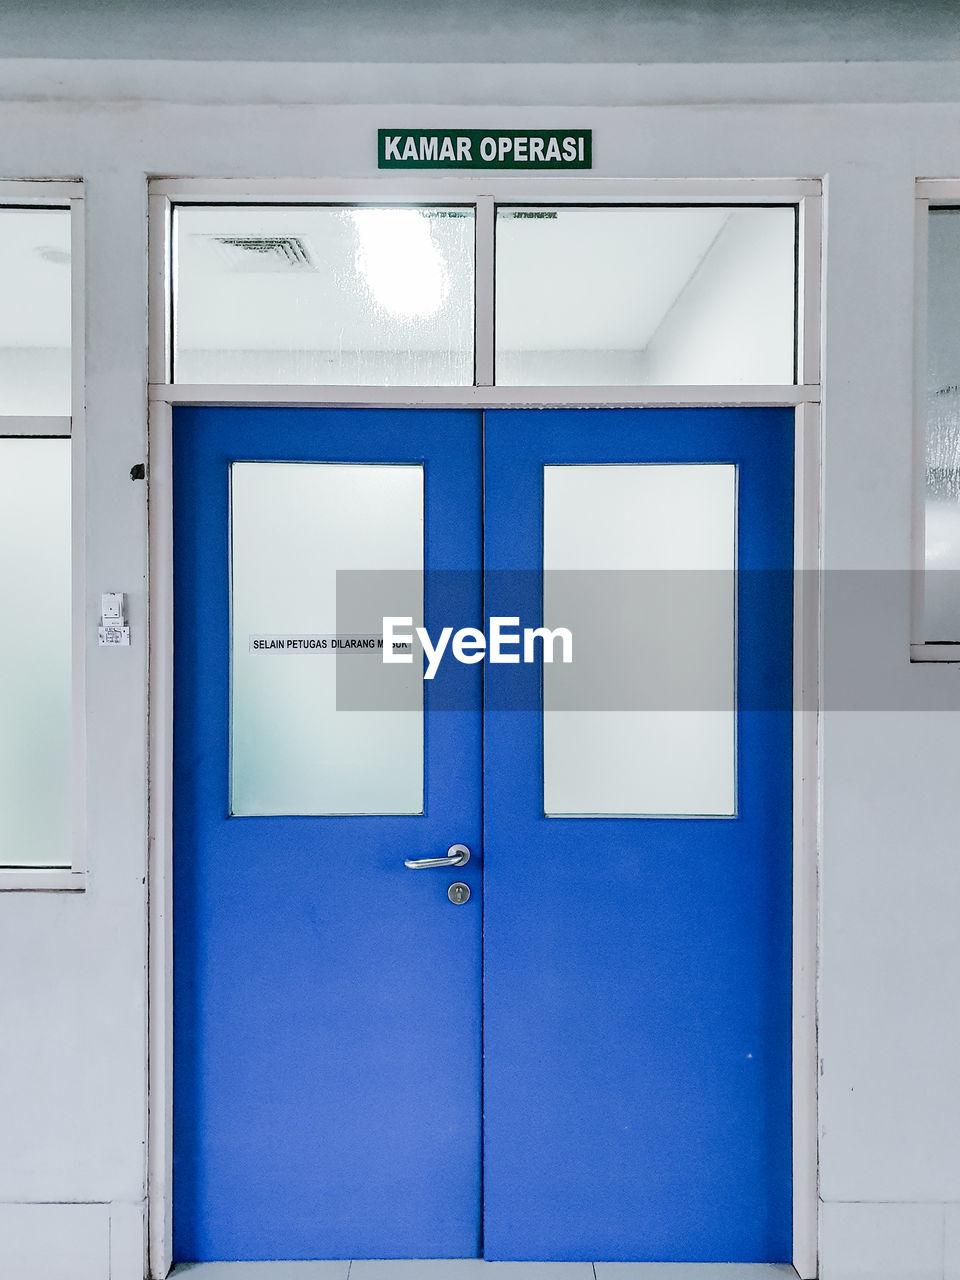 Text on blue door